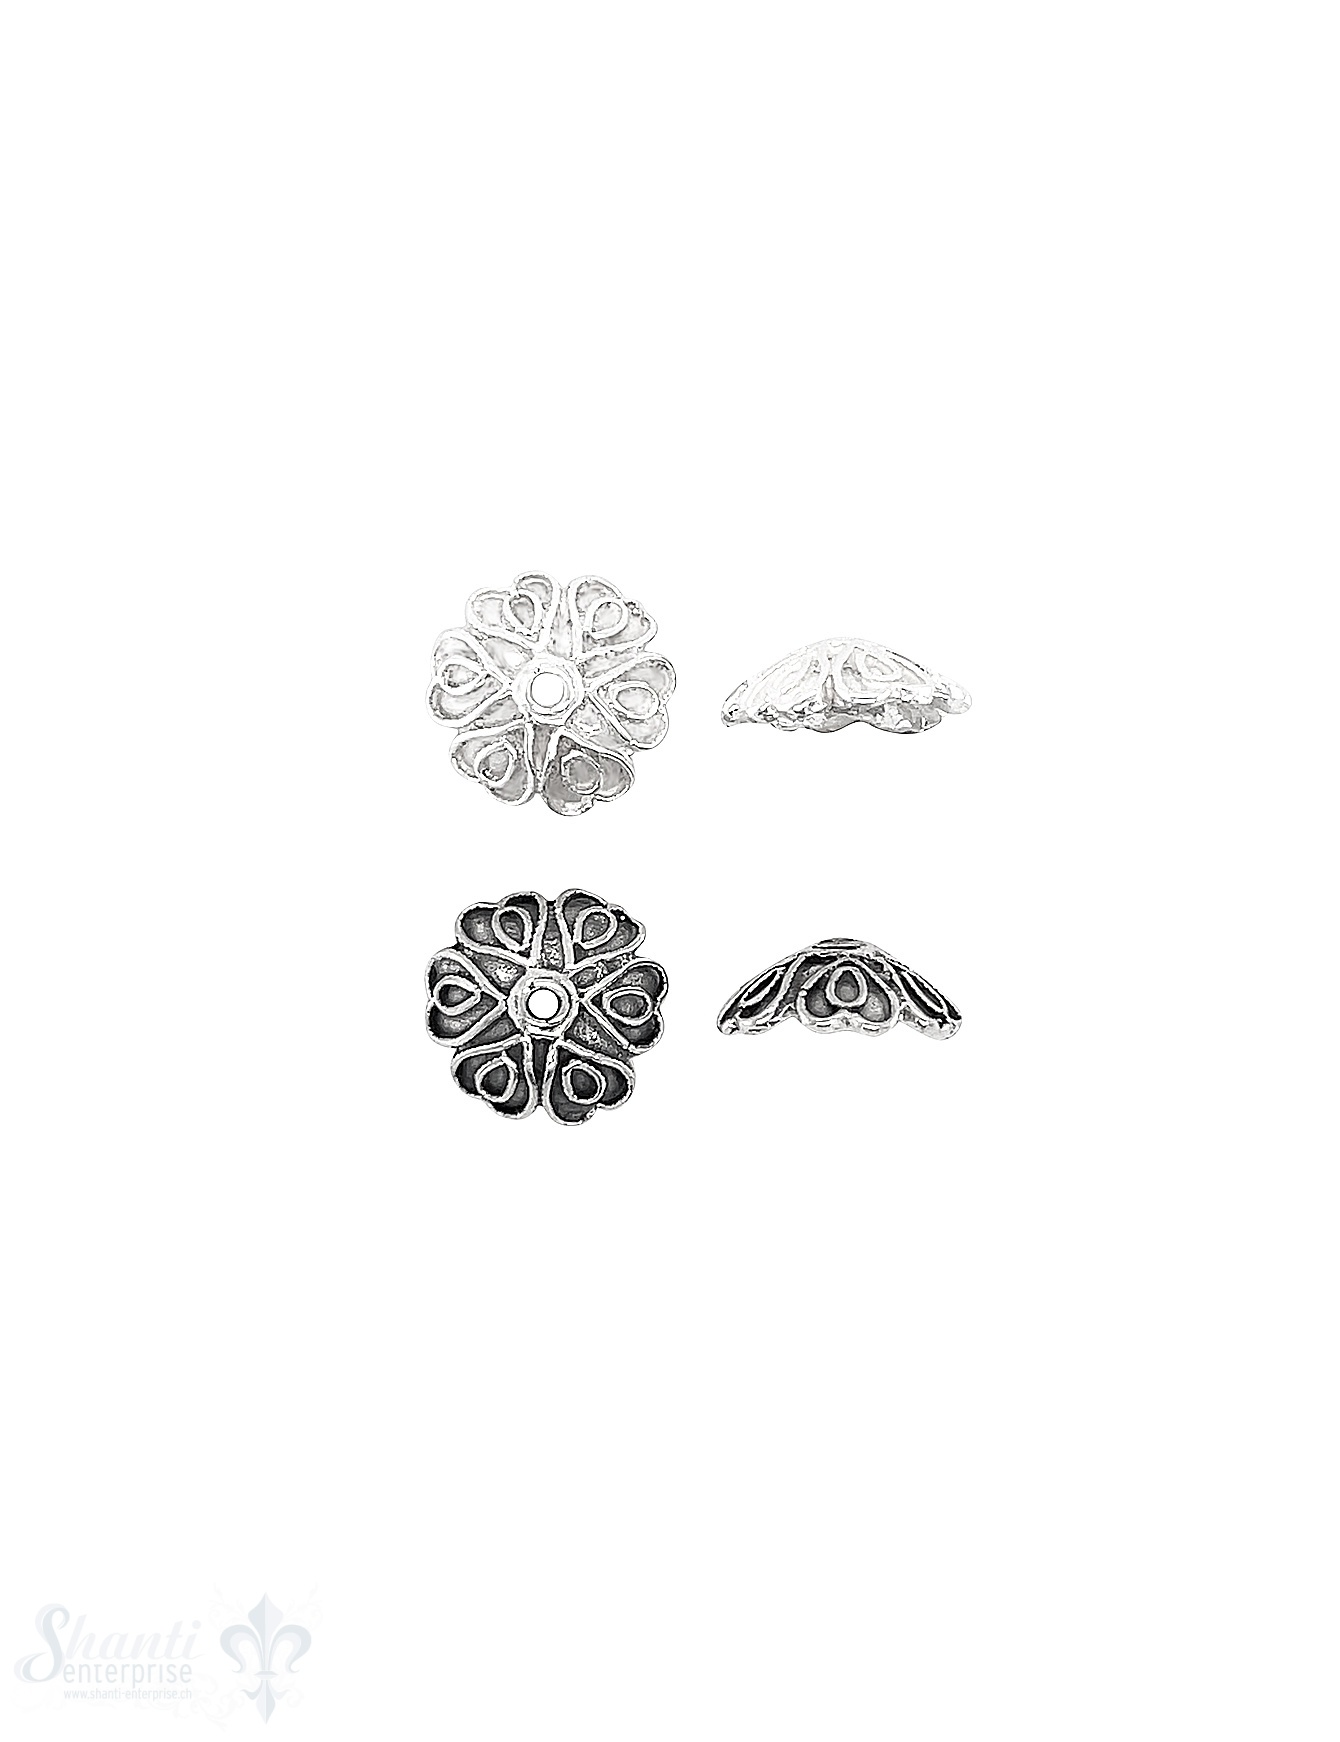 Blumen Perlkappe 12x4 mm Stern verziert Schlaufen mit Rand Silber 925 ID 1.4 mm 1 Pack = 6 Stk. ca. 4 gr.